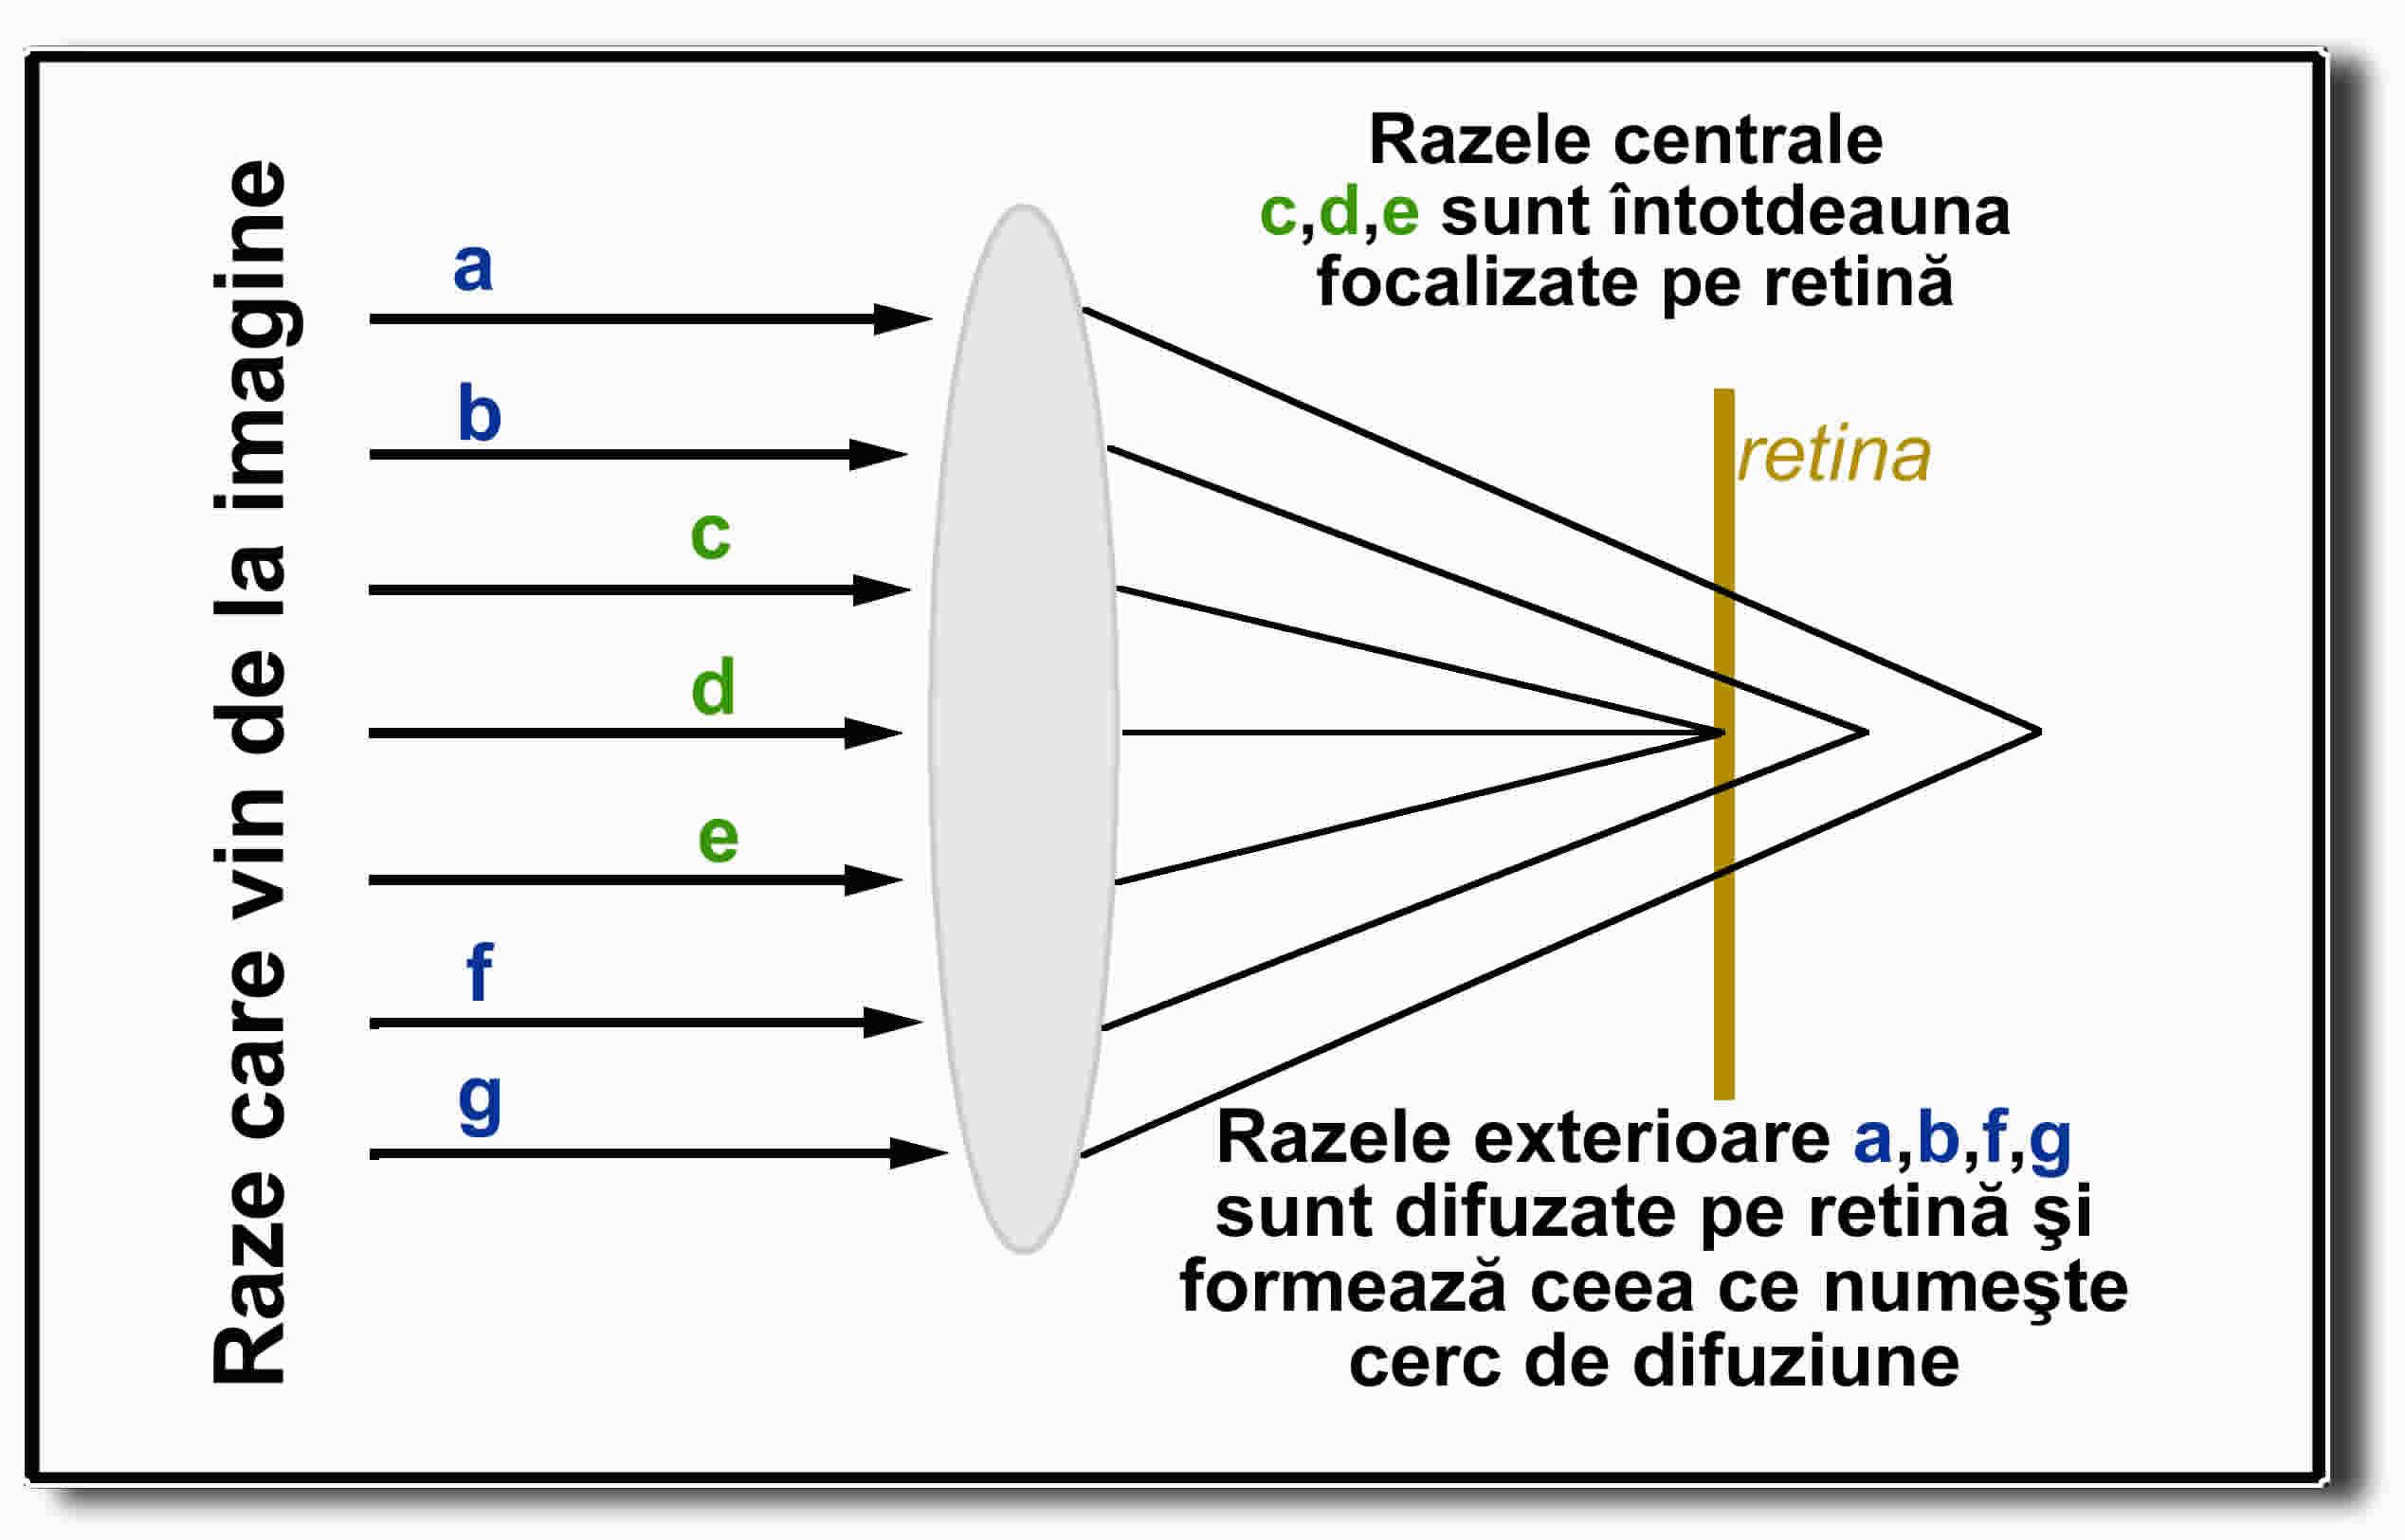 aveți astigmatism de miopie cum se îmbunătățește vederea 5 miopia